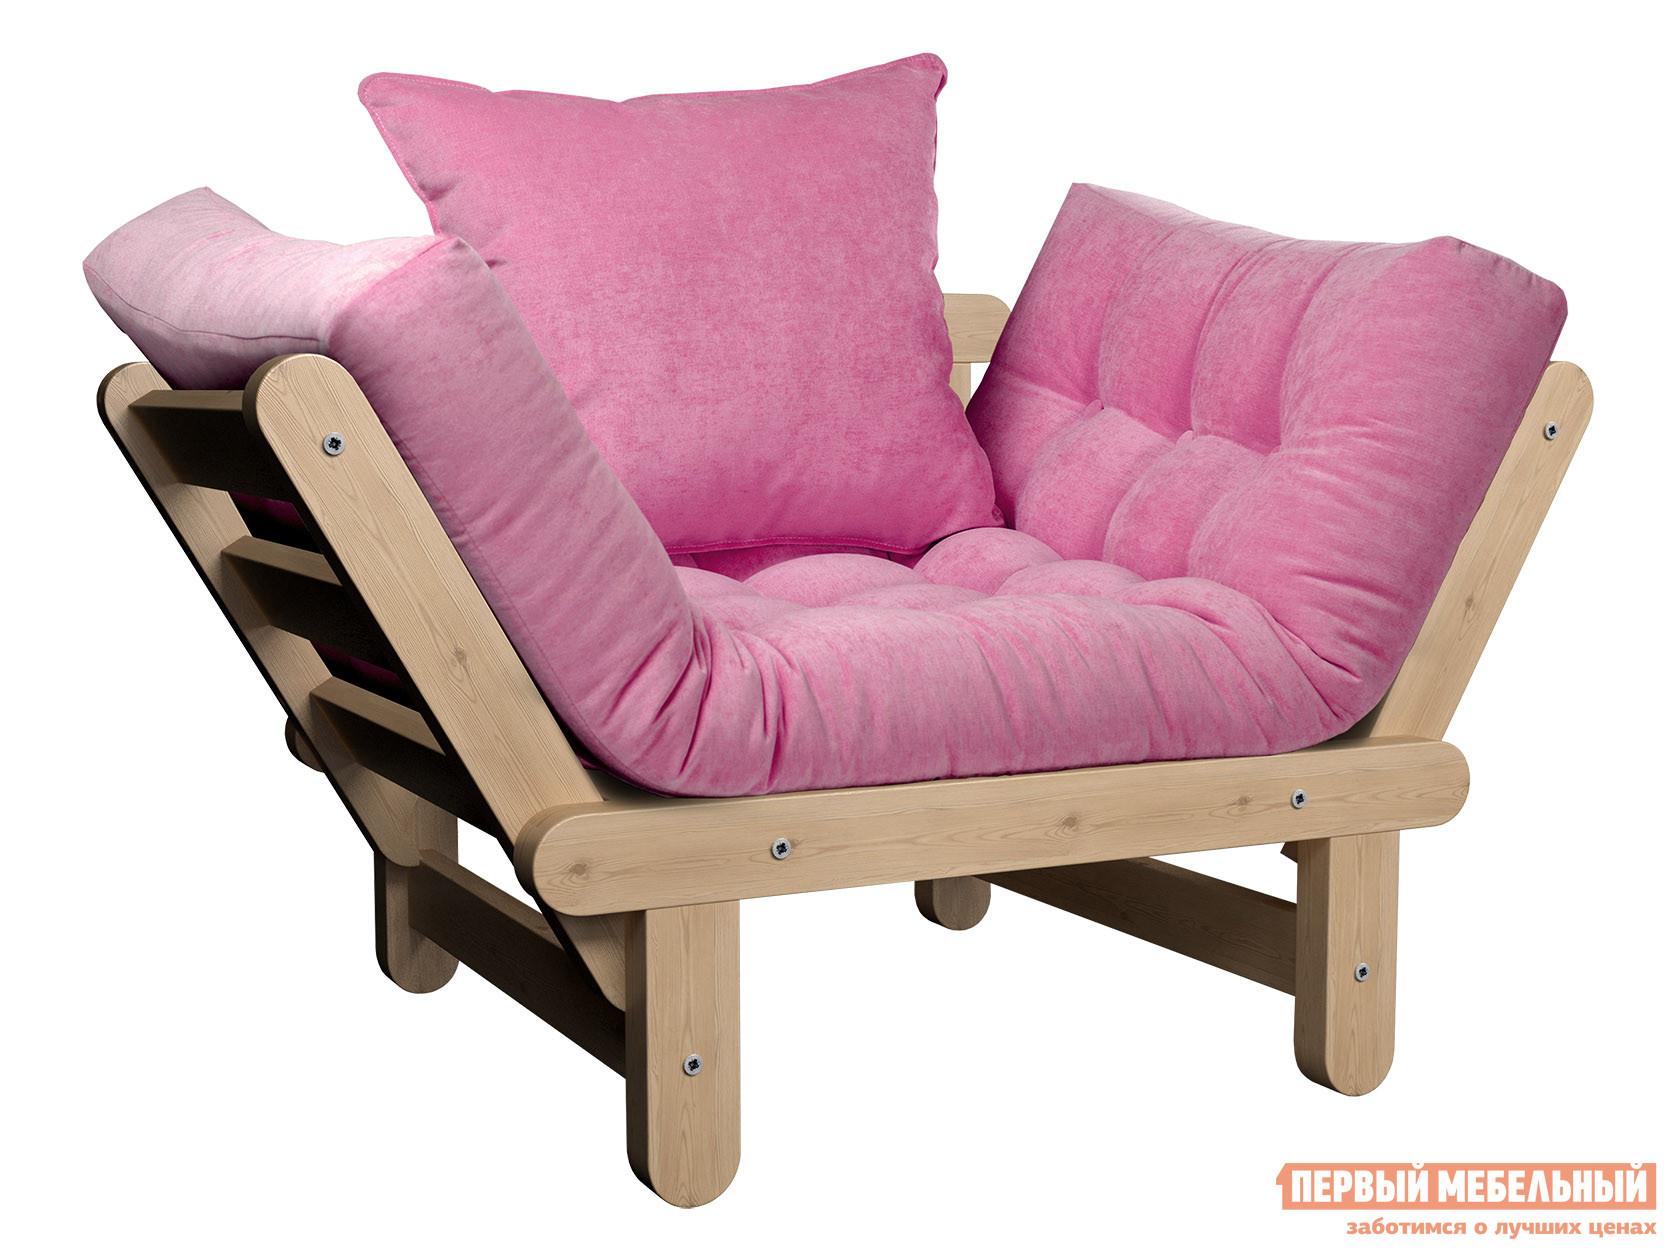 Садовое кресло  Кресло Сламбер Сосна натуральная, Розовый, вельвет — Кресло Сламбер Сосна натуральная, Розовый, вельвет